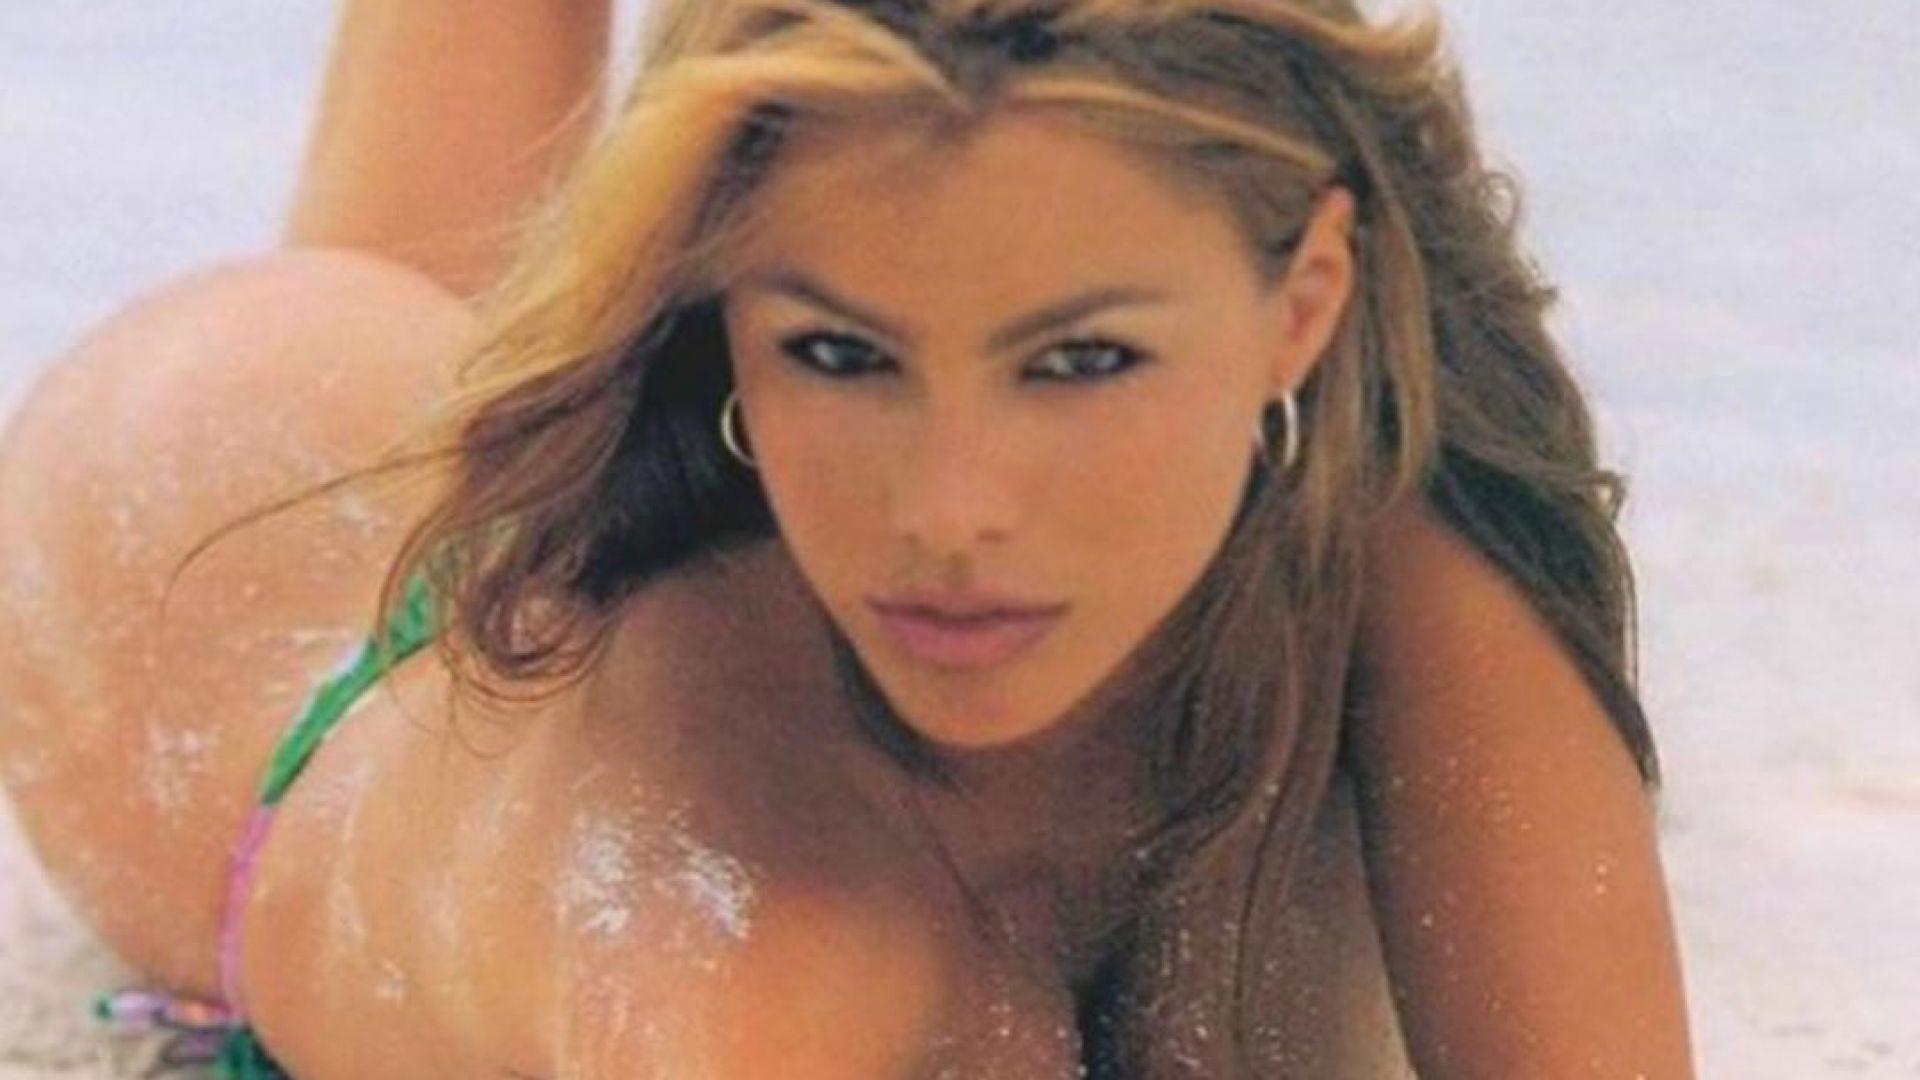 София Вергара през 90-те – огнен сексапил върху горещия пясък на слънчев плаж